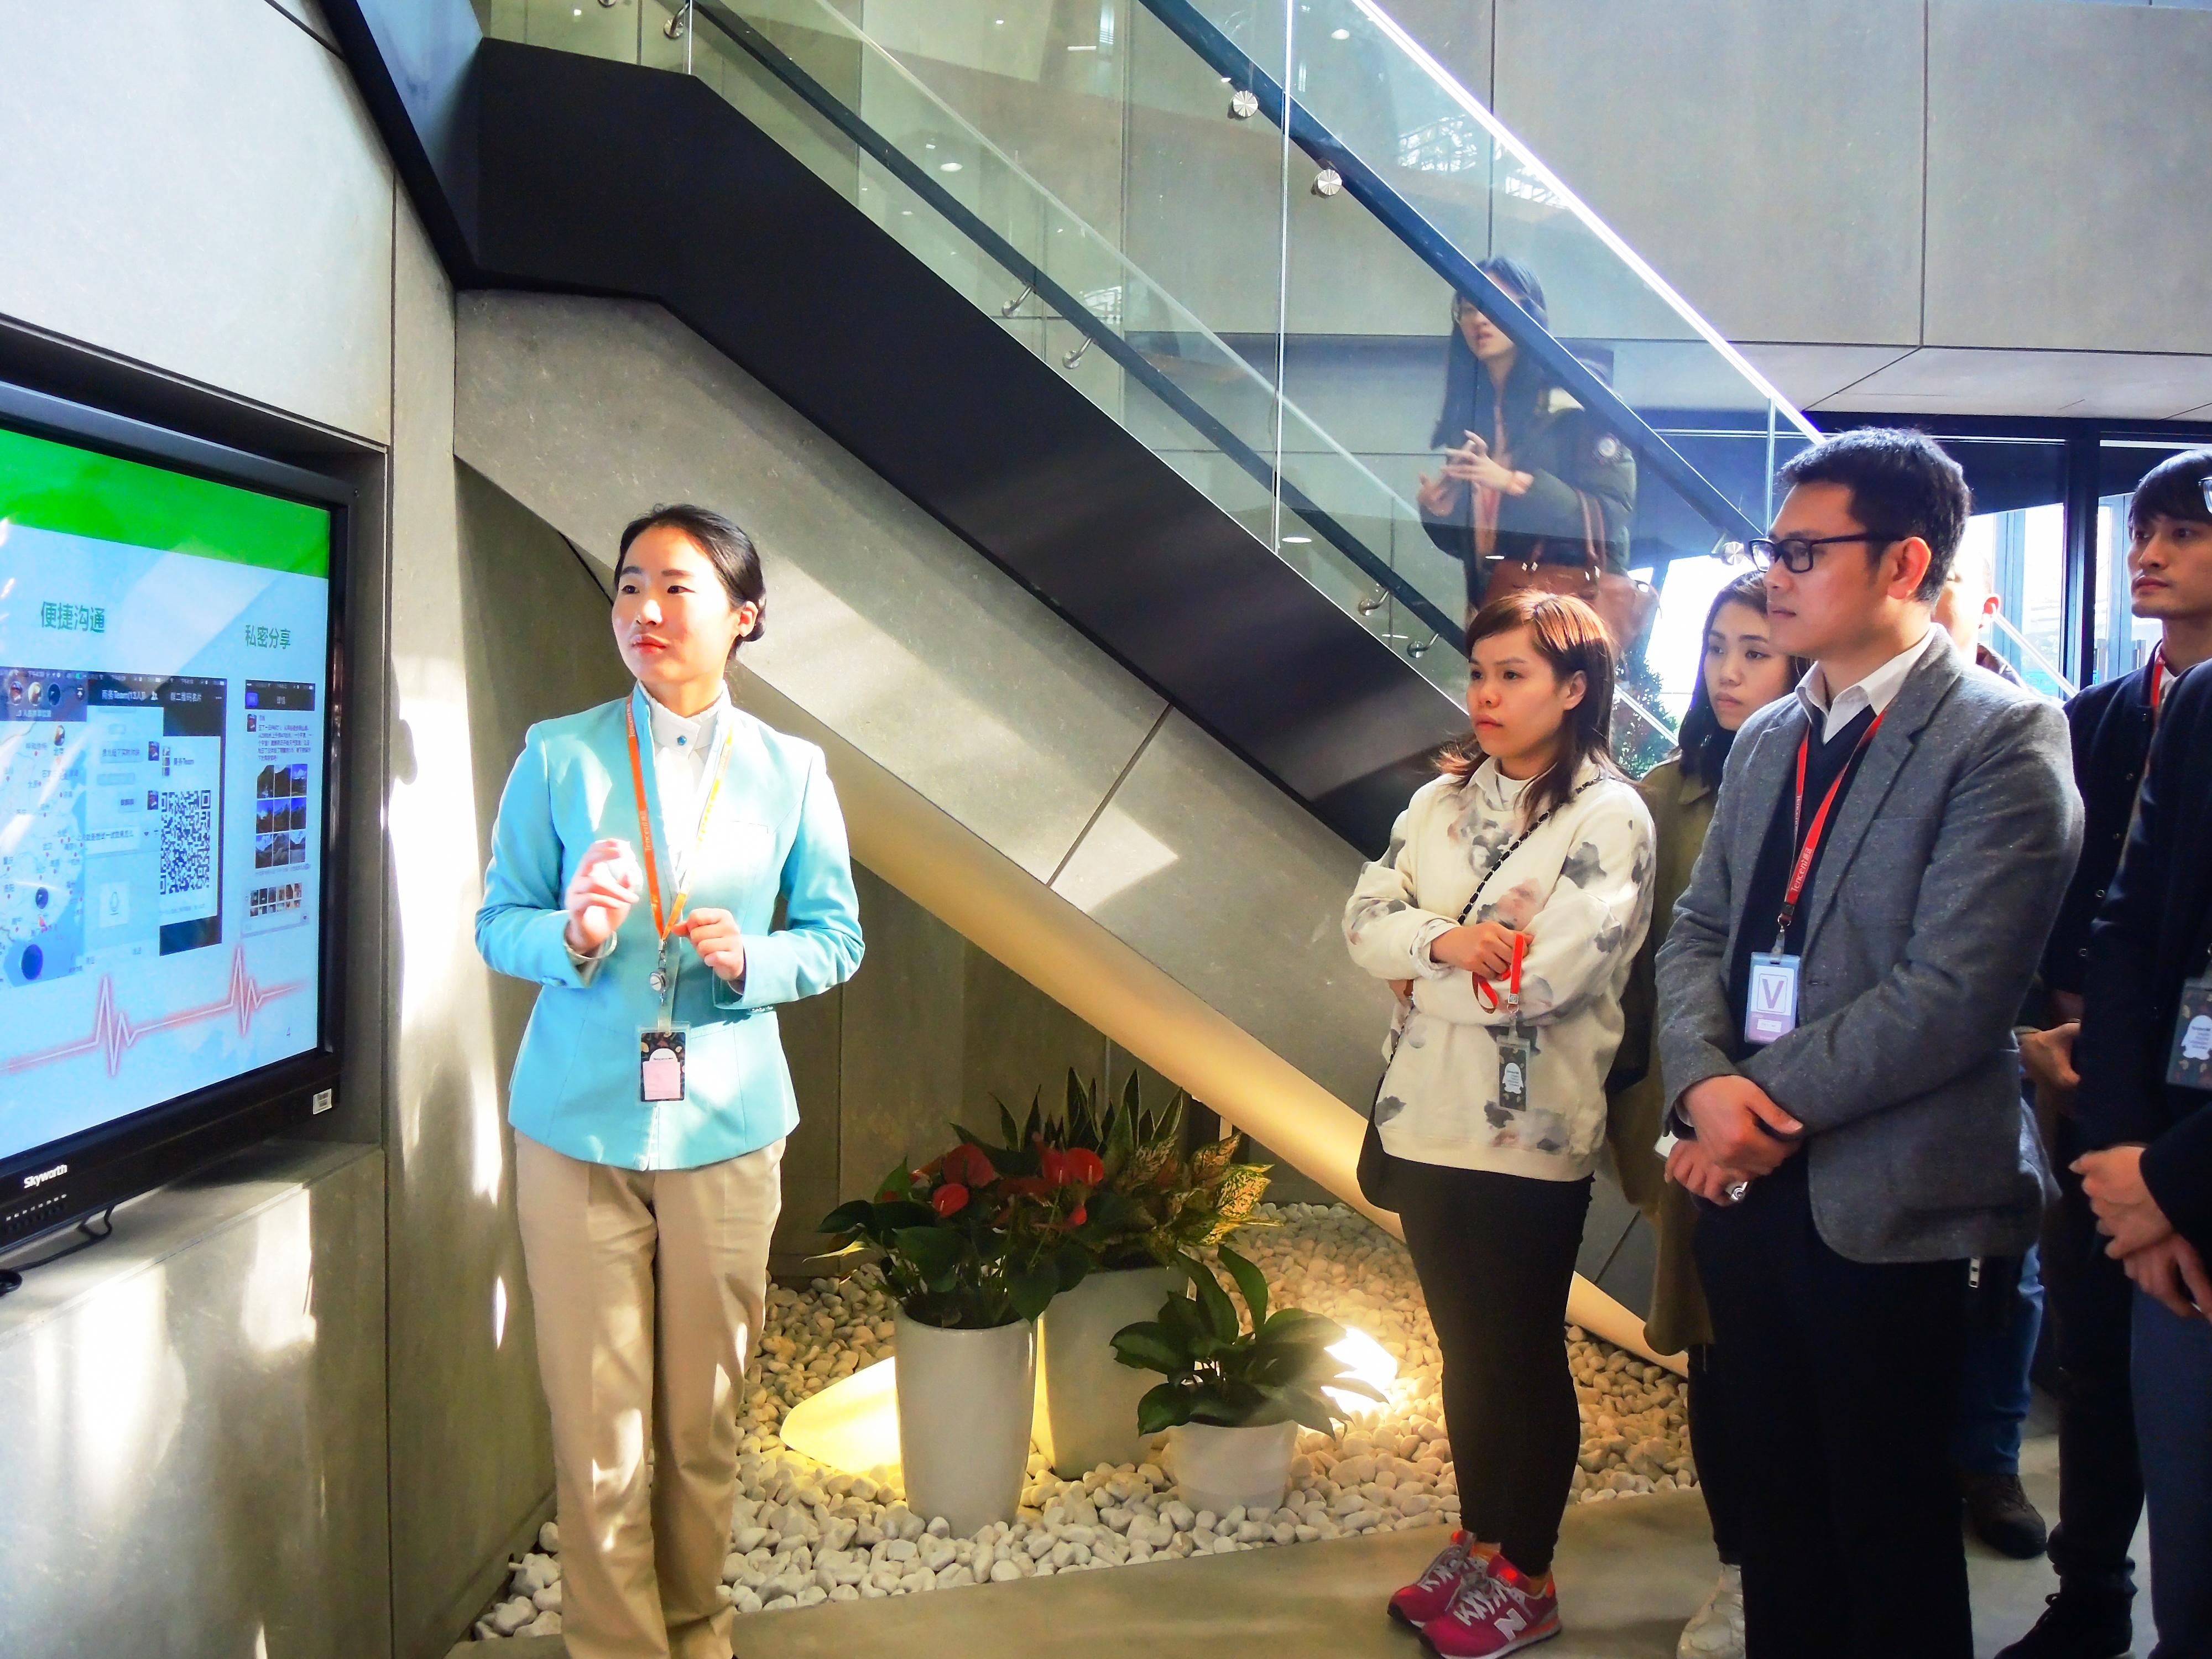 A10-2016年工聯青委參訪位於廣州的騰訊研發中心了解科技發展改變青年生活及工作習慣